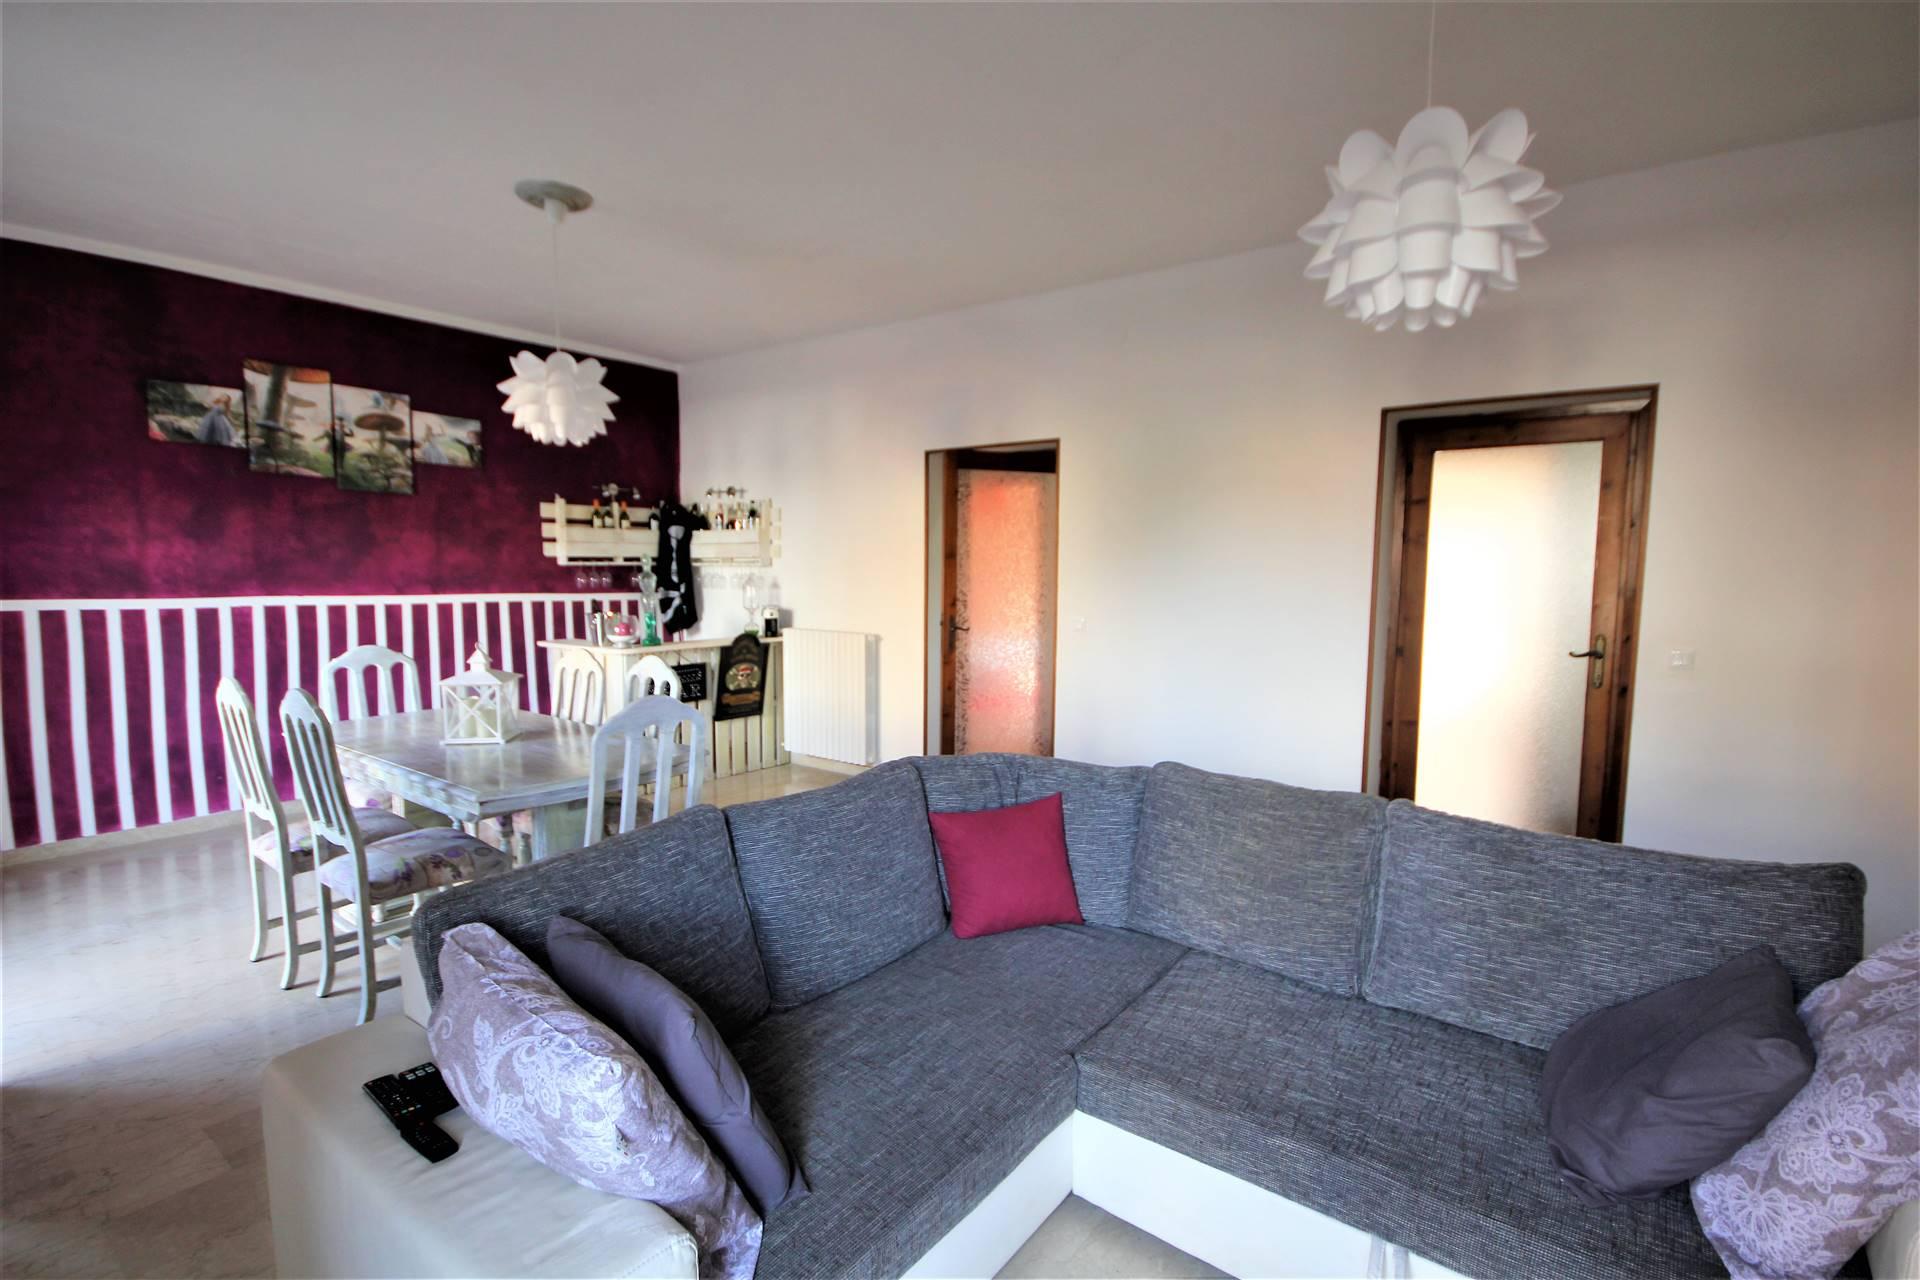 Appartamento in vendita a Fabro, 6 locali, zona Zona: Fabro Scalo, prezzo € 138.000   CambioCasa.it